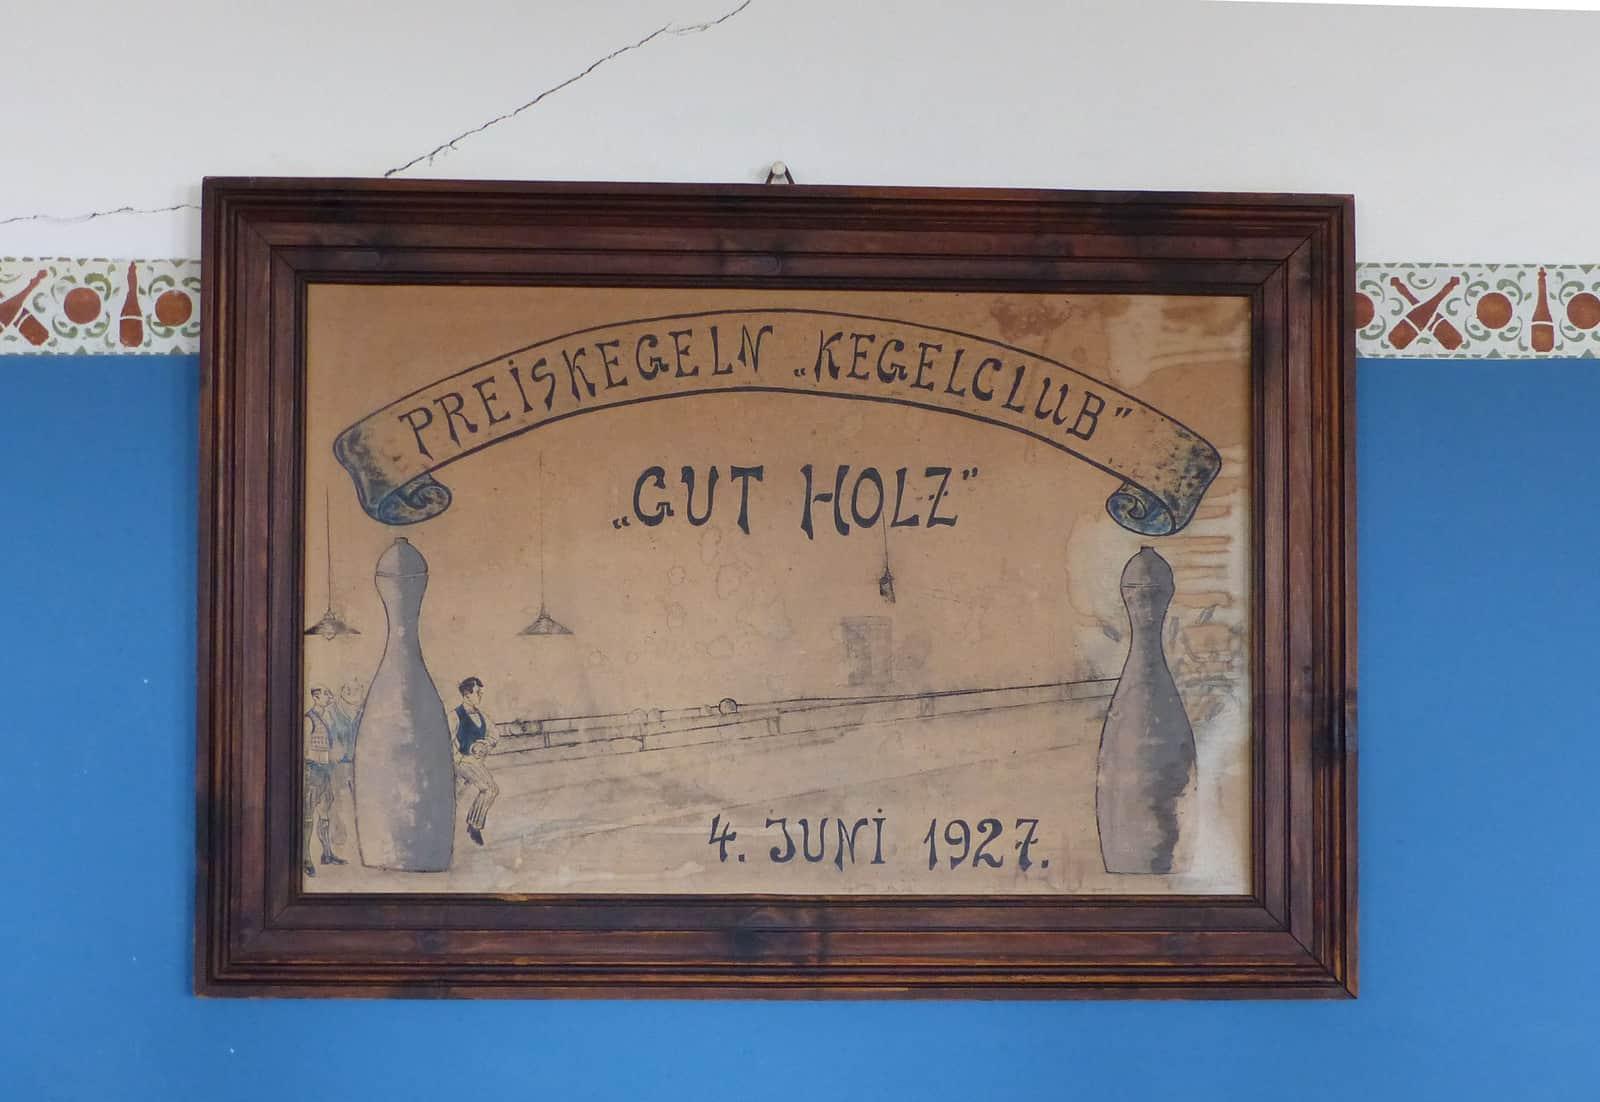 Kegelclub Kolmanskop